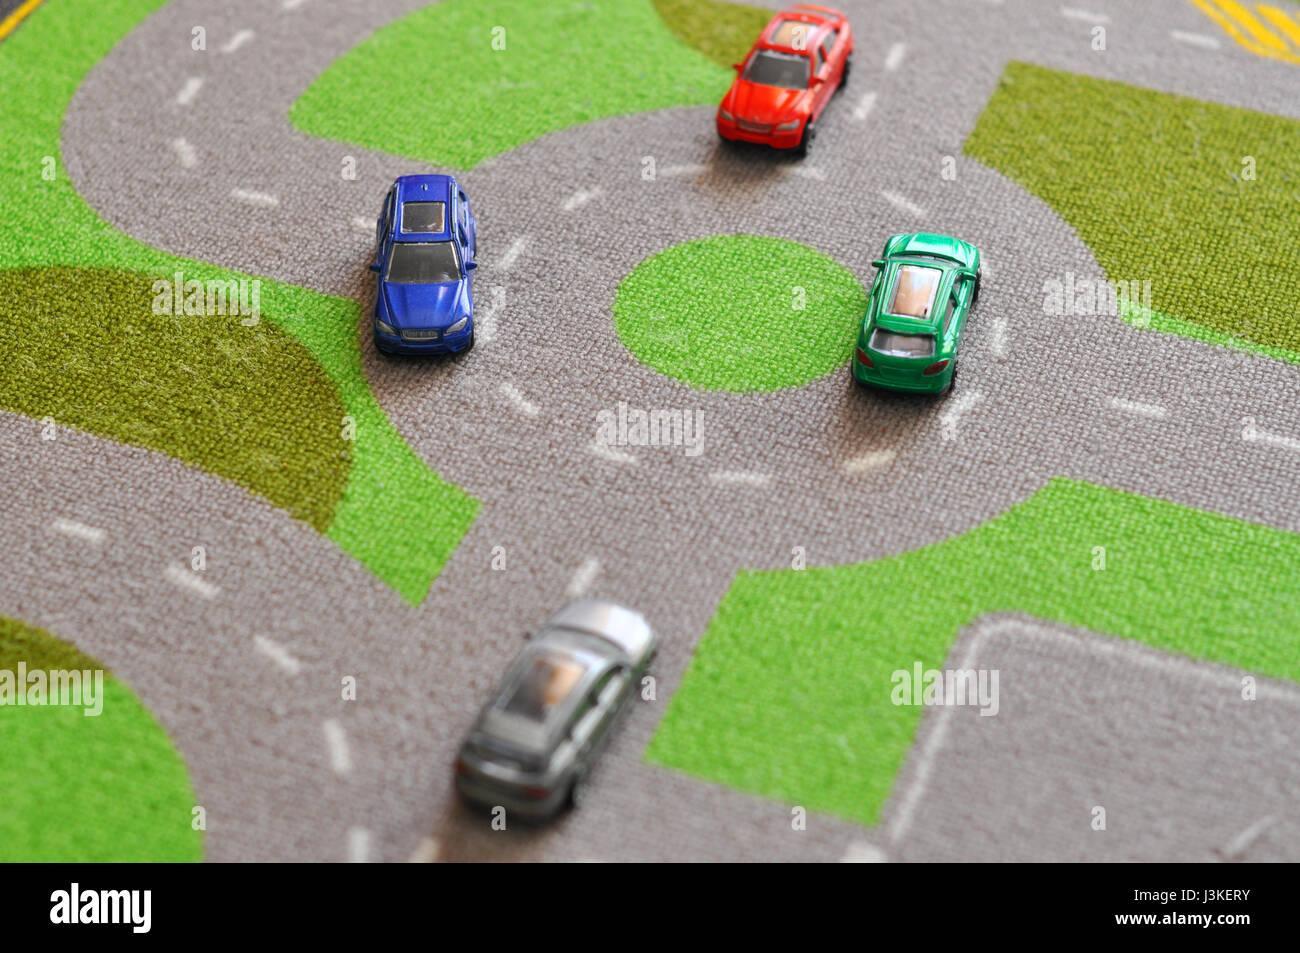 Spielzeug-Autos über einen Teppich-Schaltung Stockfoto, Bild ...